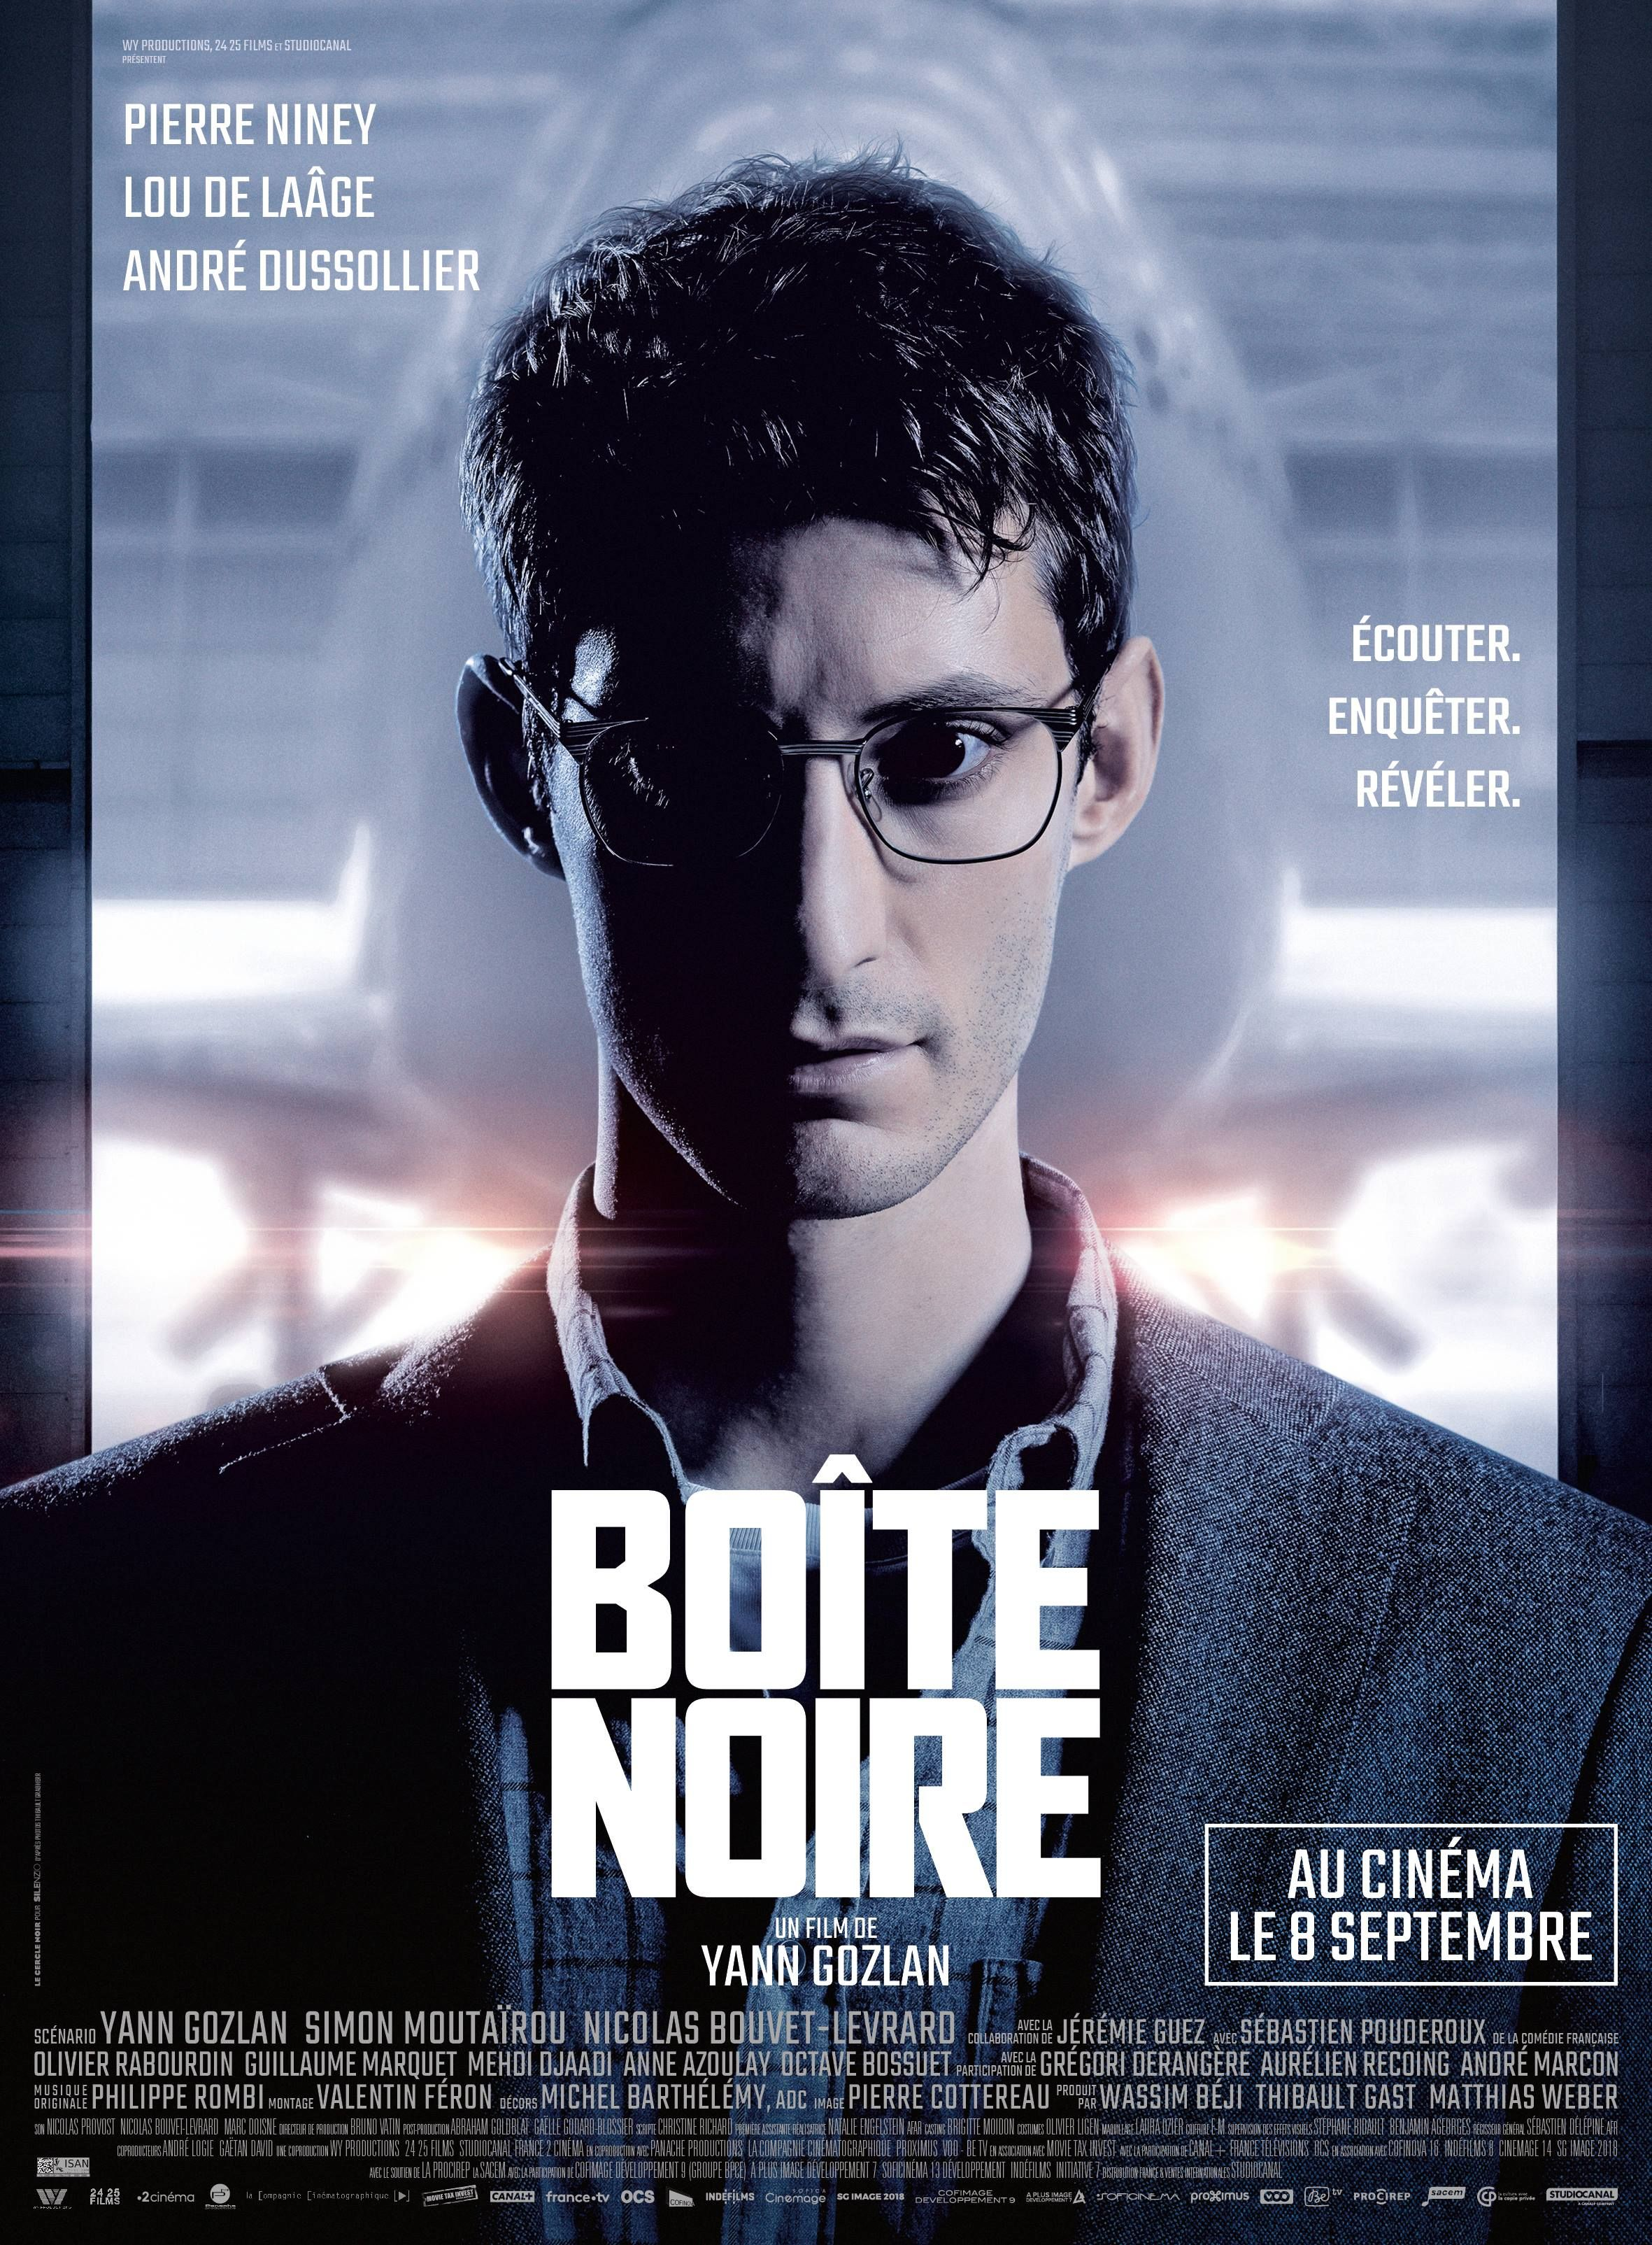 Boîte noire - Film (2020) - SensCritique